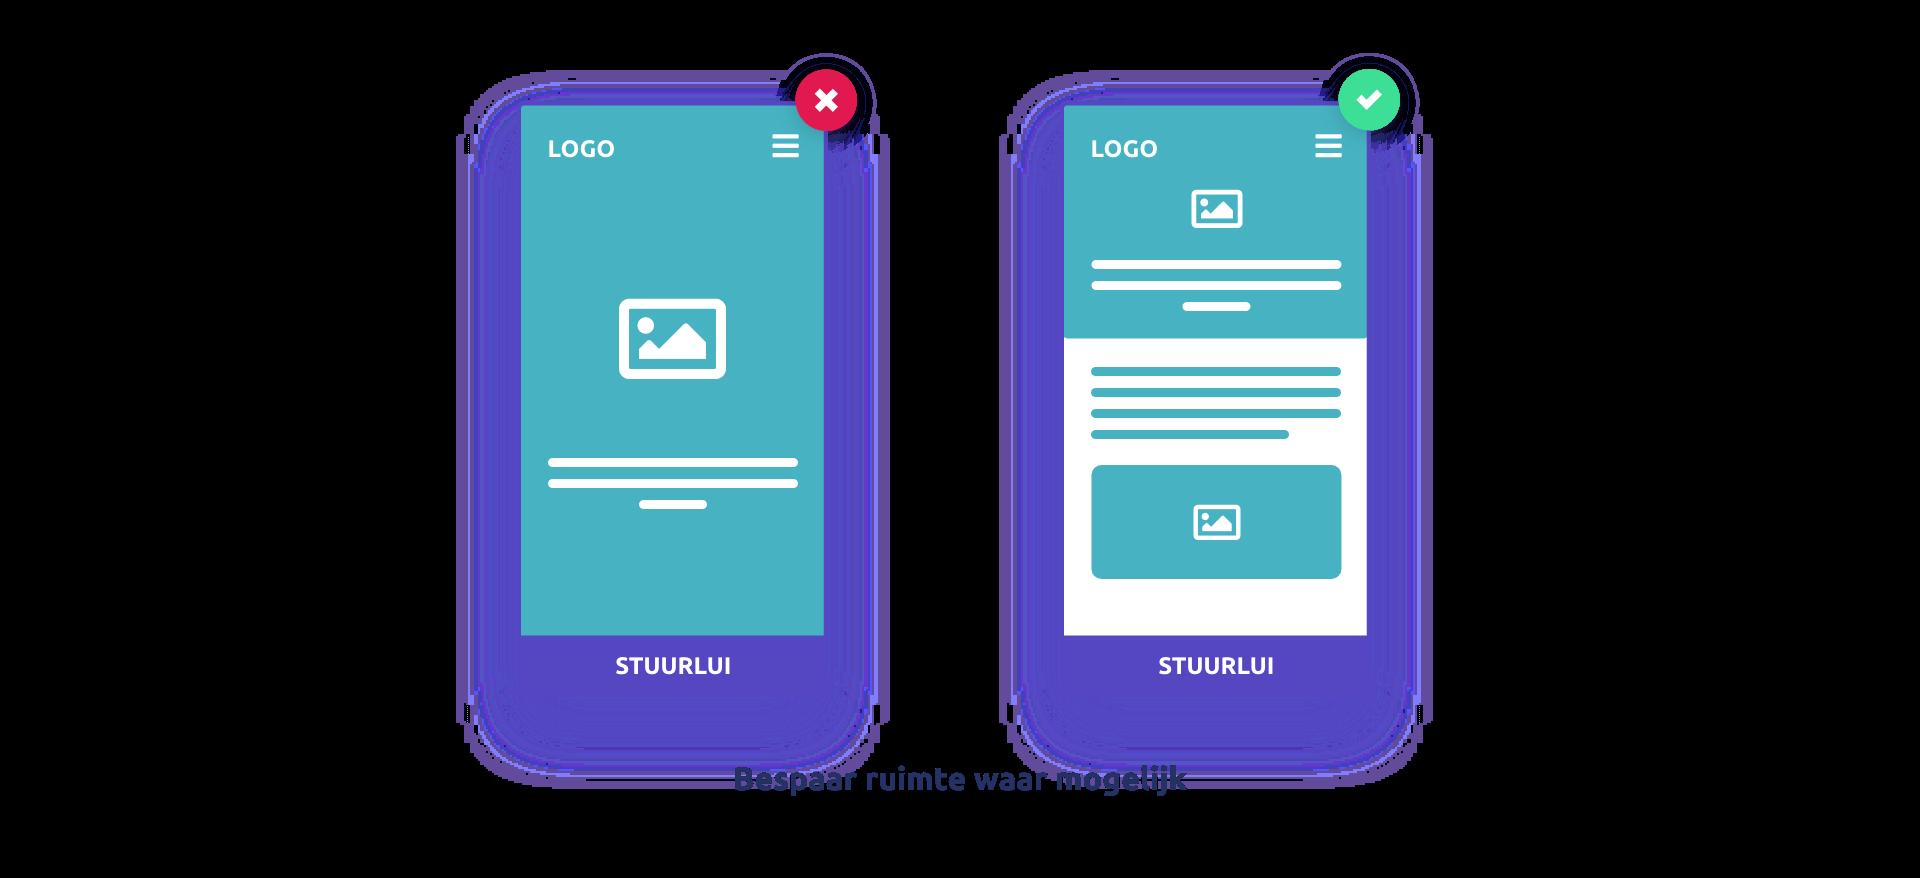 Mobile first webdesign – Bespaar ruimte waar mogelijk